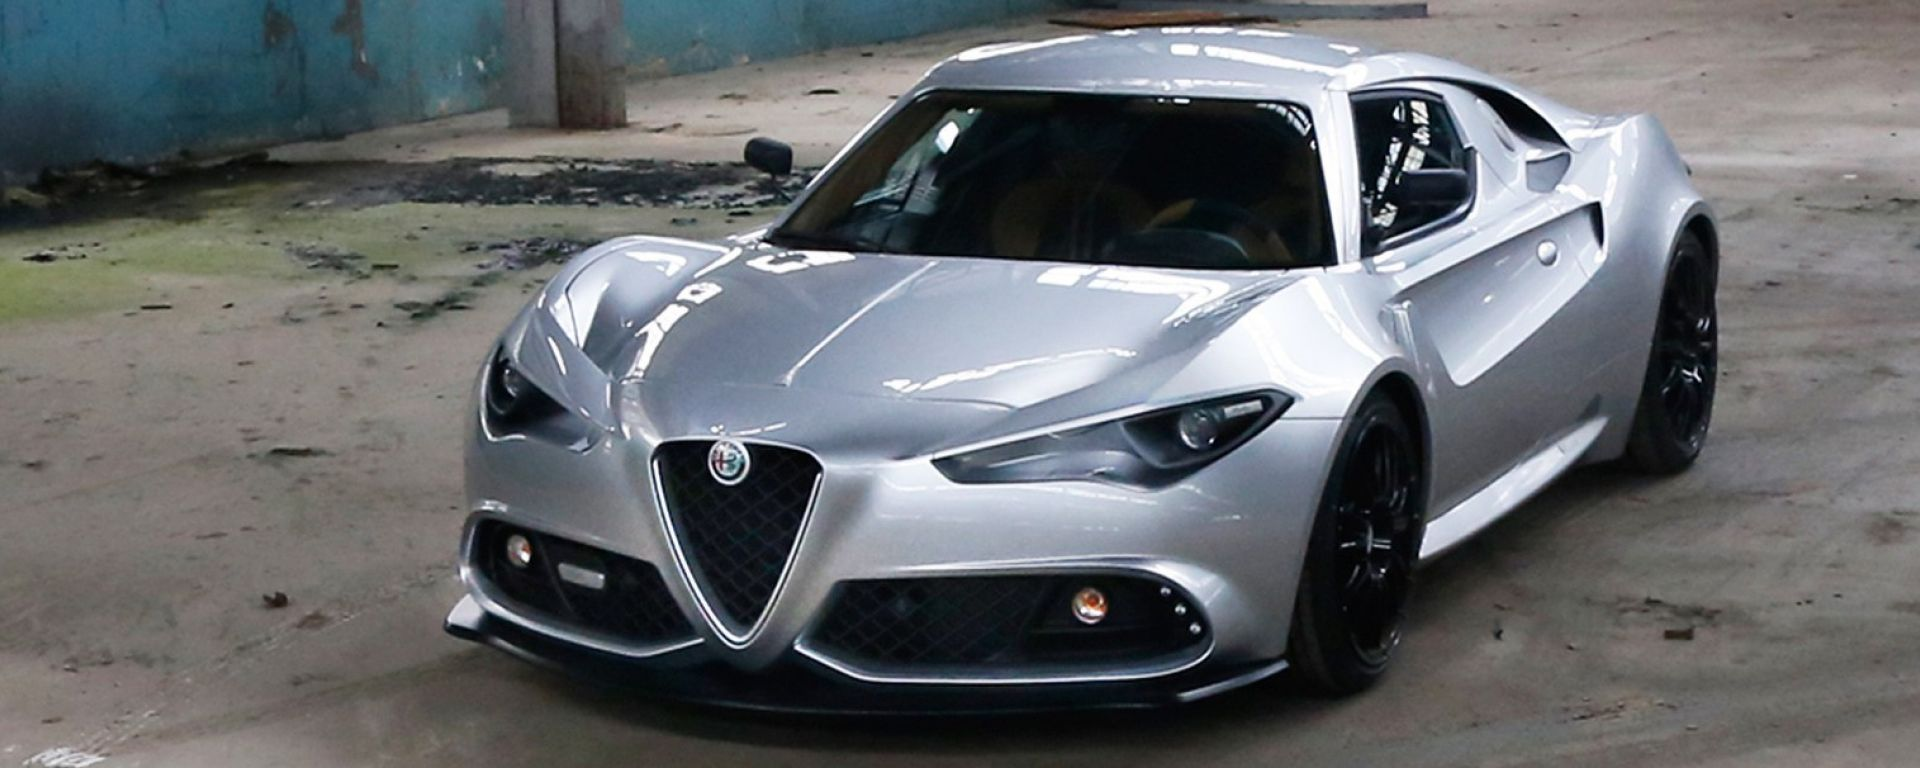 Alfa Romeo Mole Costruzione Artigianale 001 in video